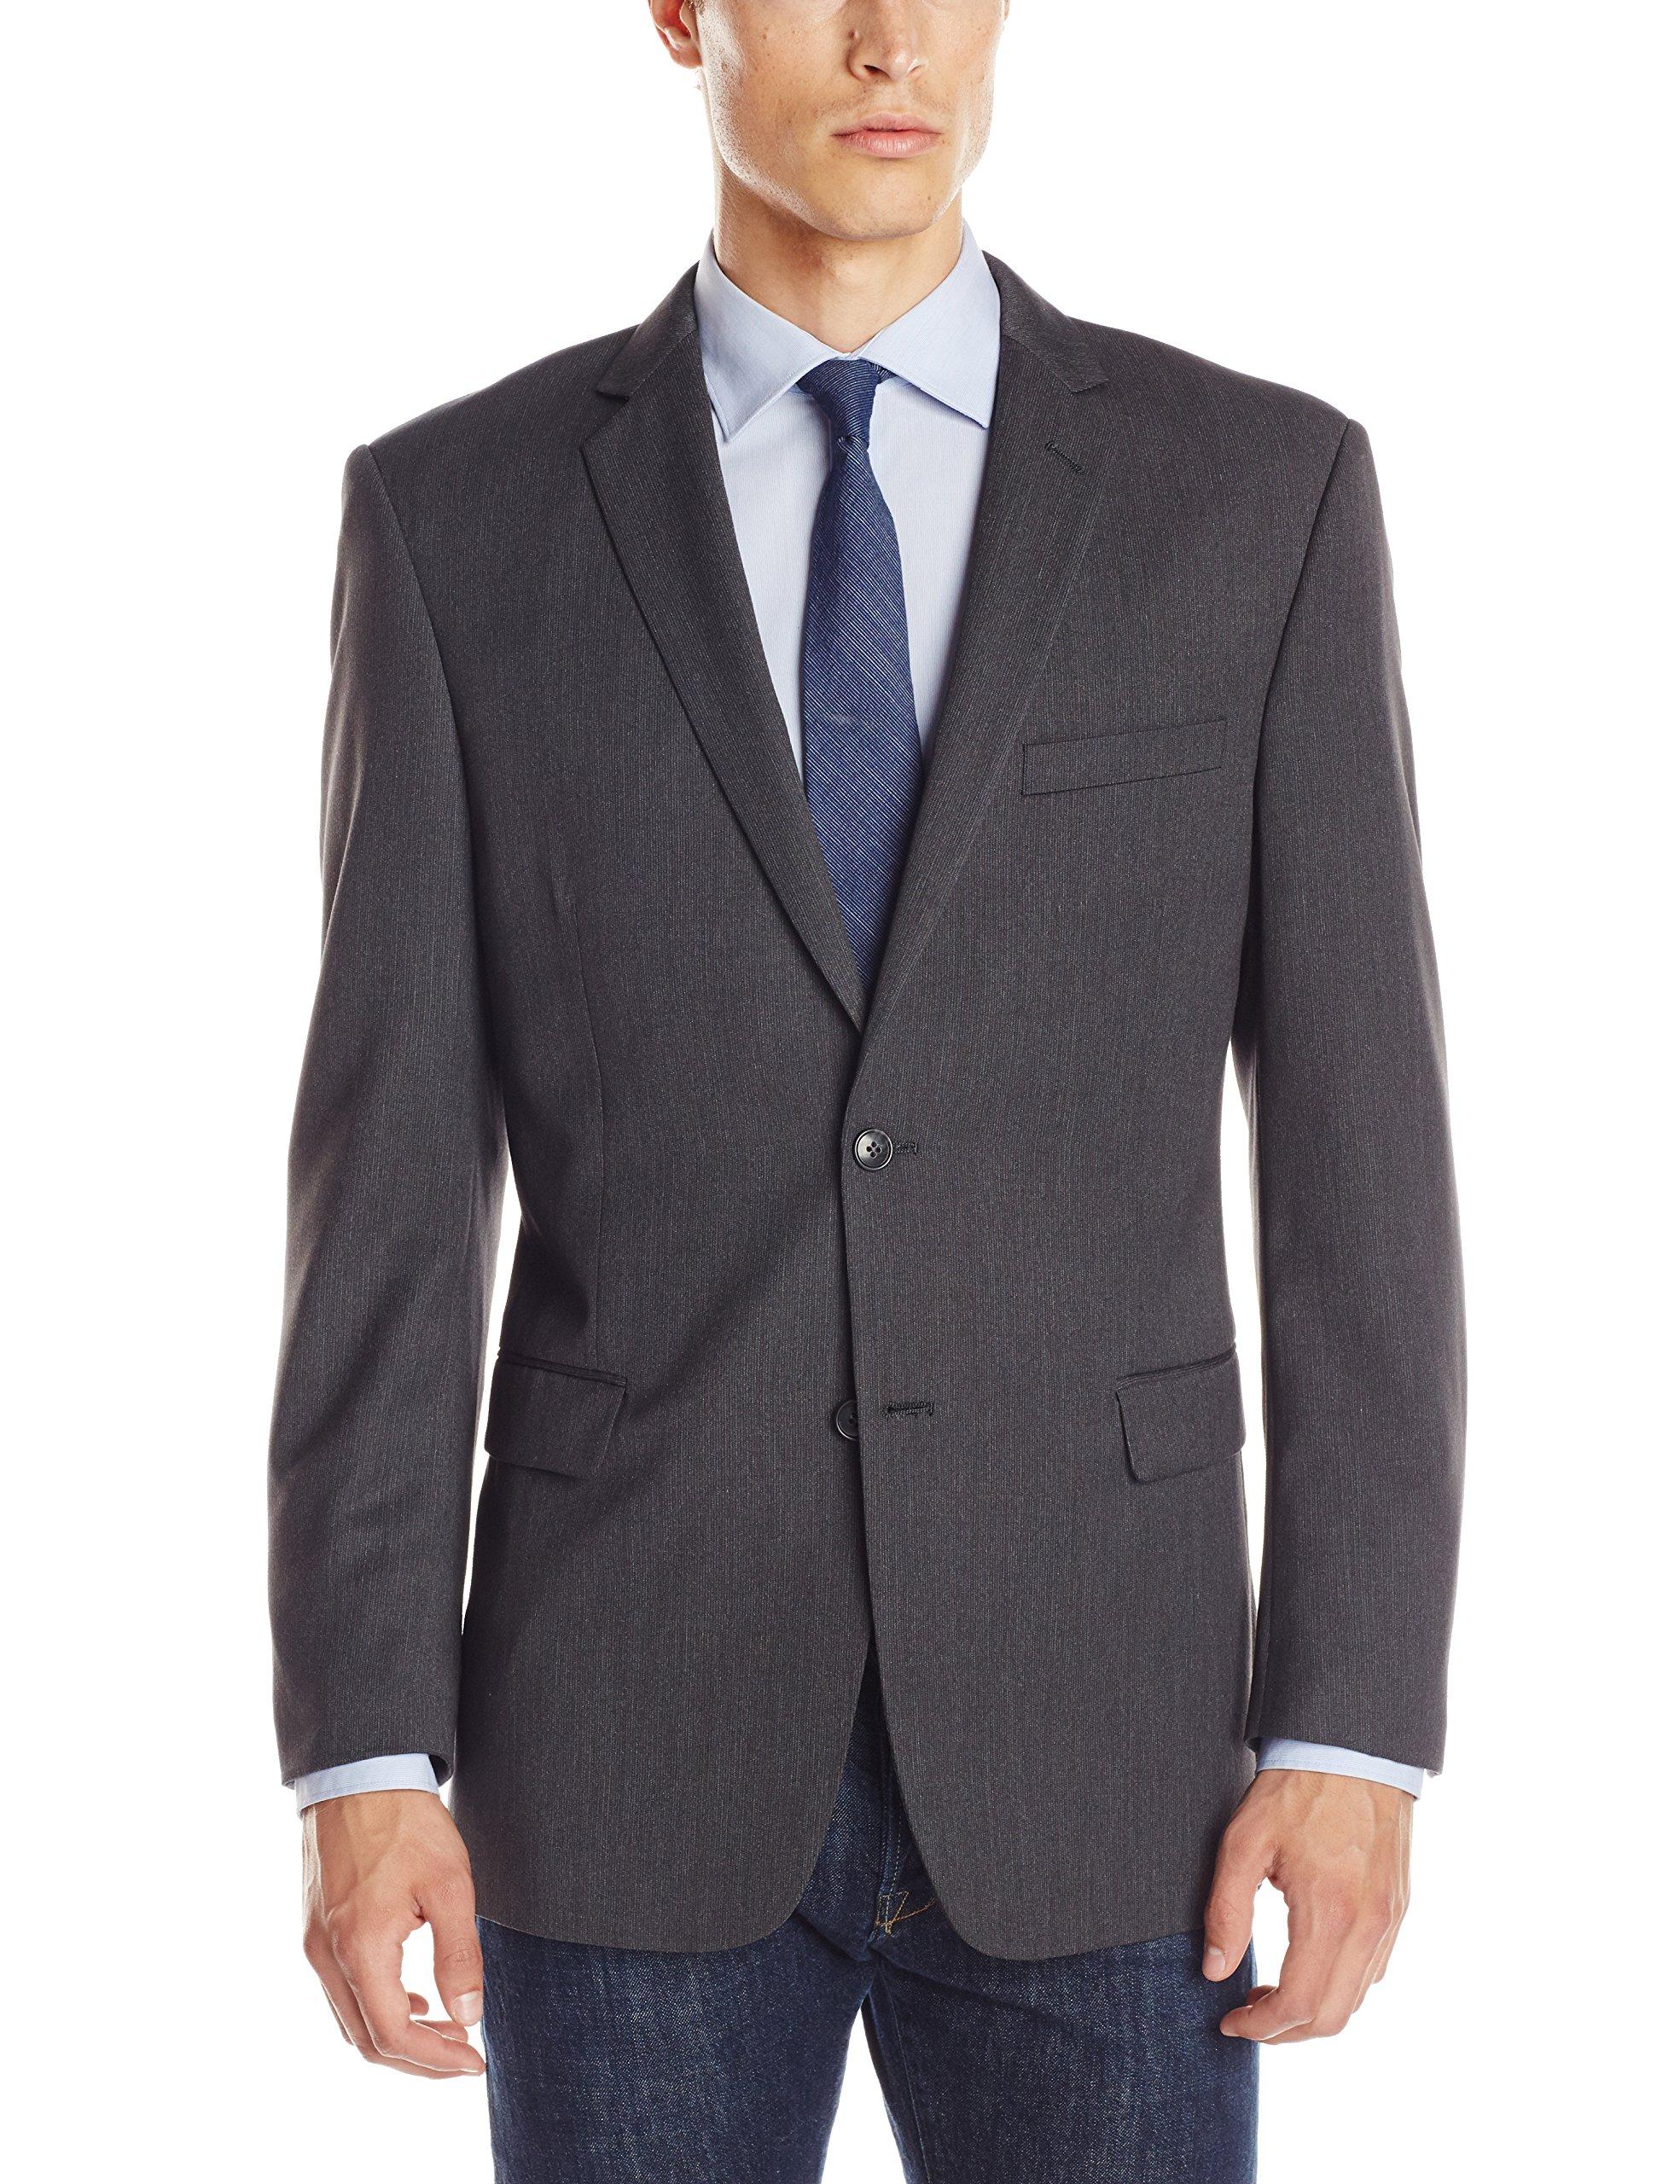 U.S. Polo Assn. Men's 2 Button Side Vent Suit Separate Jacket, Black Stripe, 48/Long